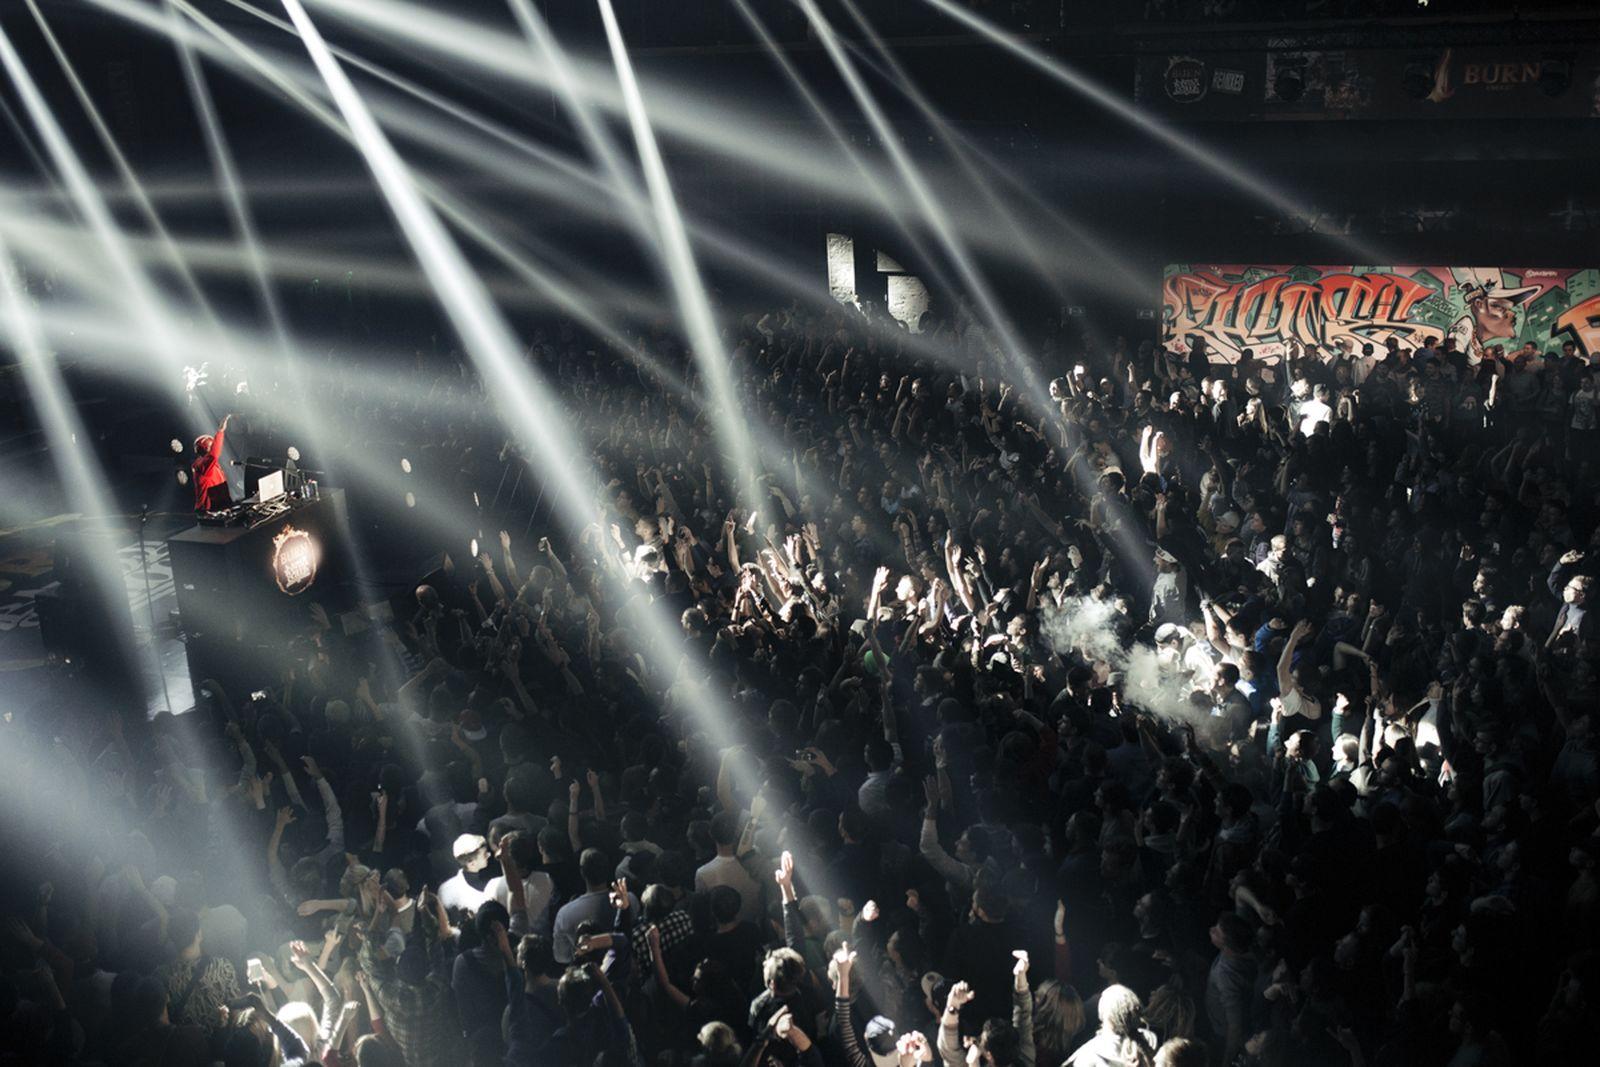 burn-battle-school-moscow-crowd 11